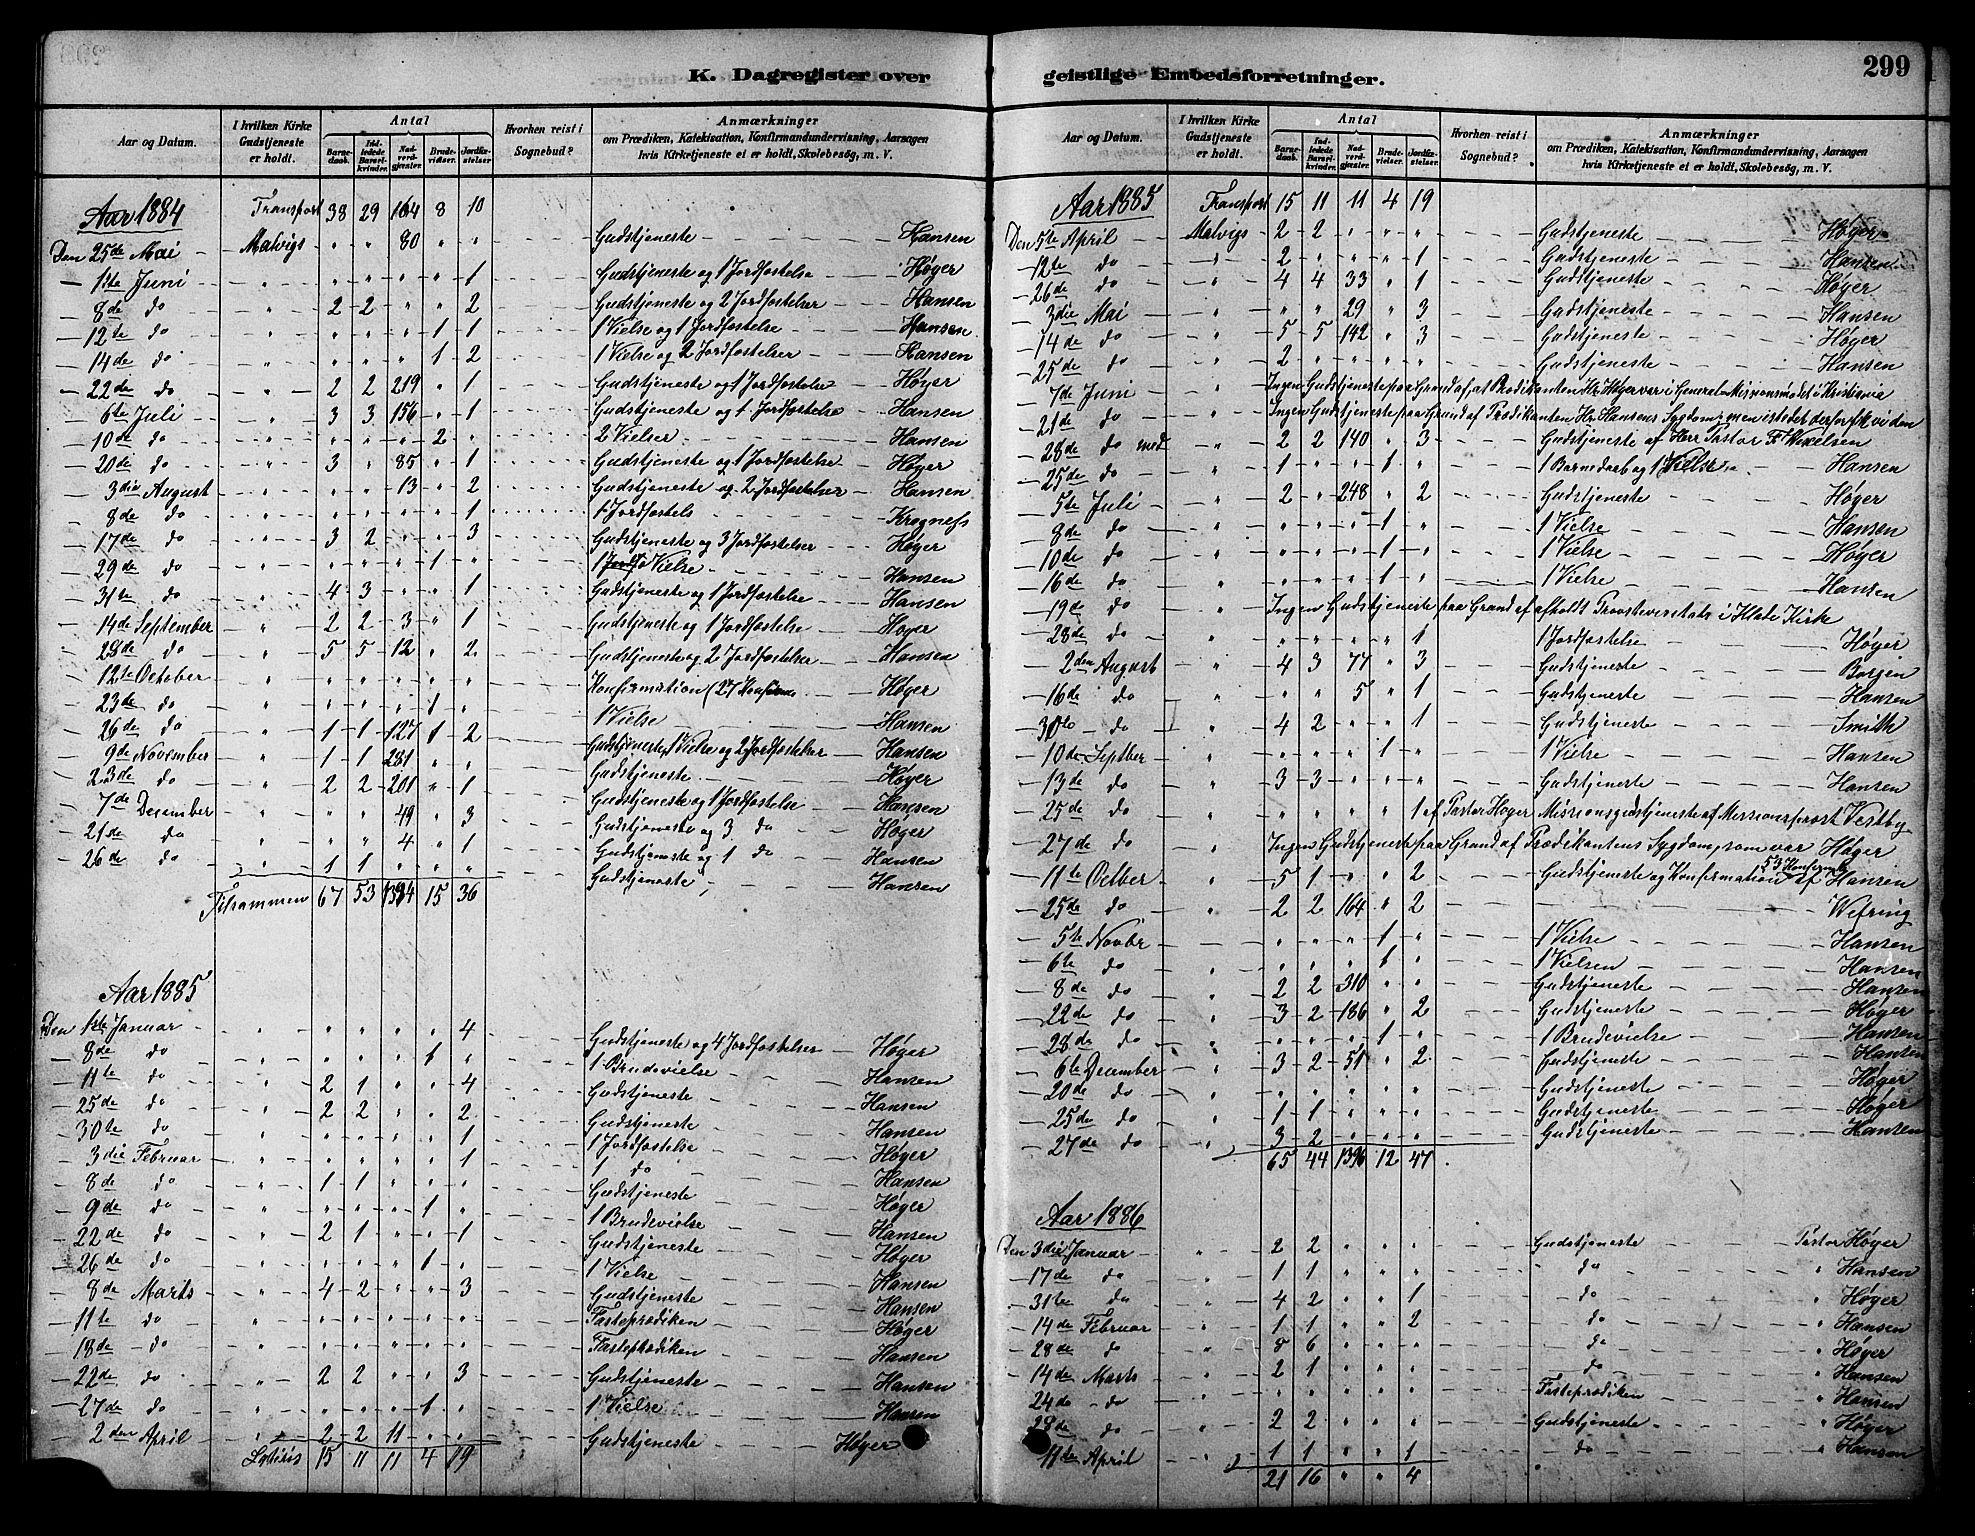 SAT, Ministerialprotokoller, klokkerbøker og fødselsregistre - Sør-Trøndelag, 616/L0423: Klokkerbok nr. 616C06, 1878-1903, s. 299